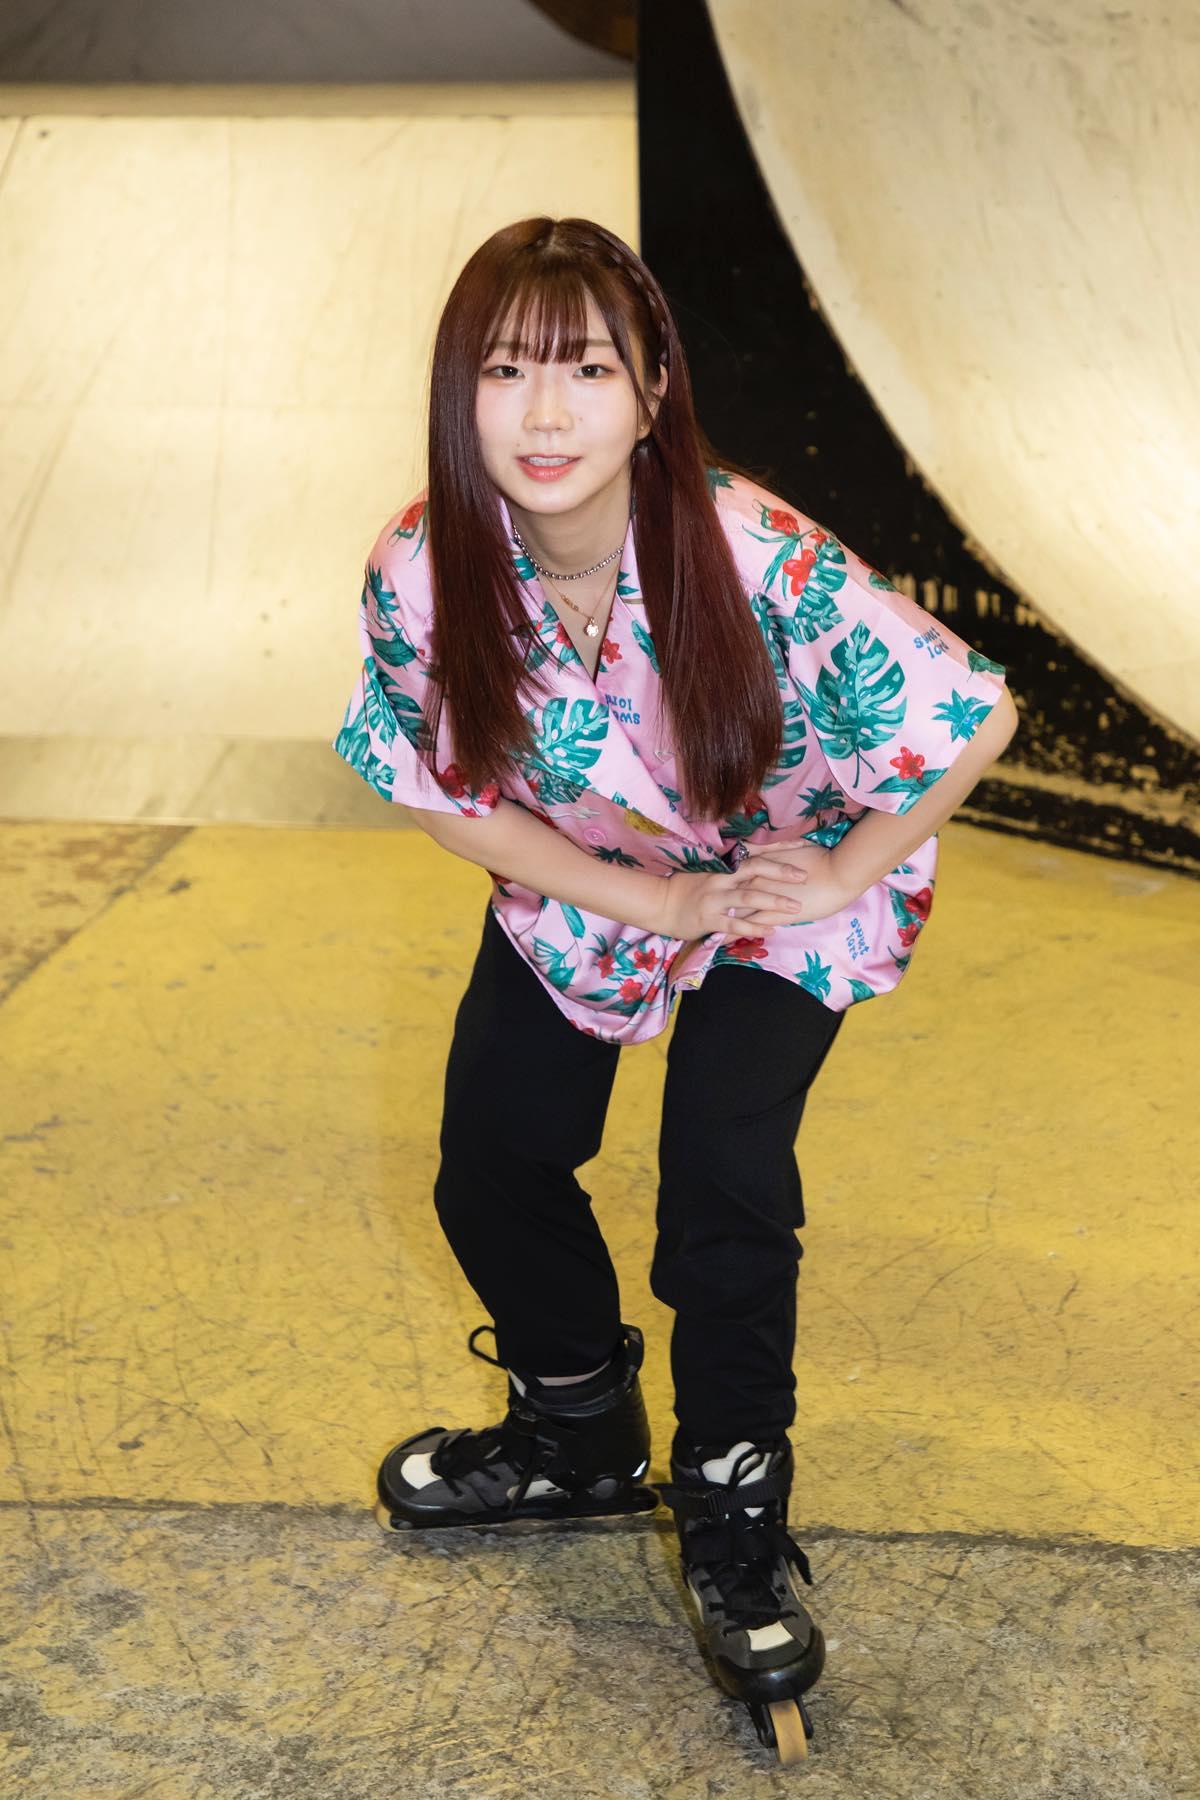 米田みいな「初めてのインラインスケートでなぜかにゃんこスターのモノマネ!?」【写真37枚】【連載】ラストアイドルのすっぴん!vol.21の画像023